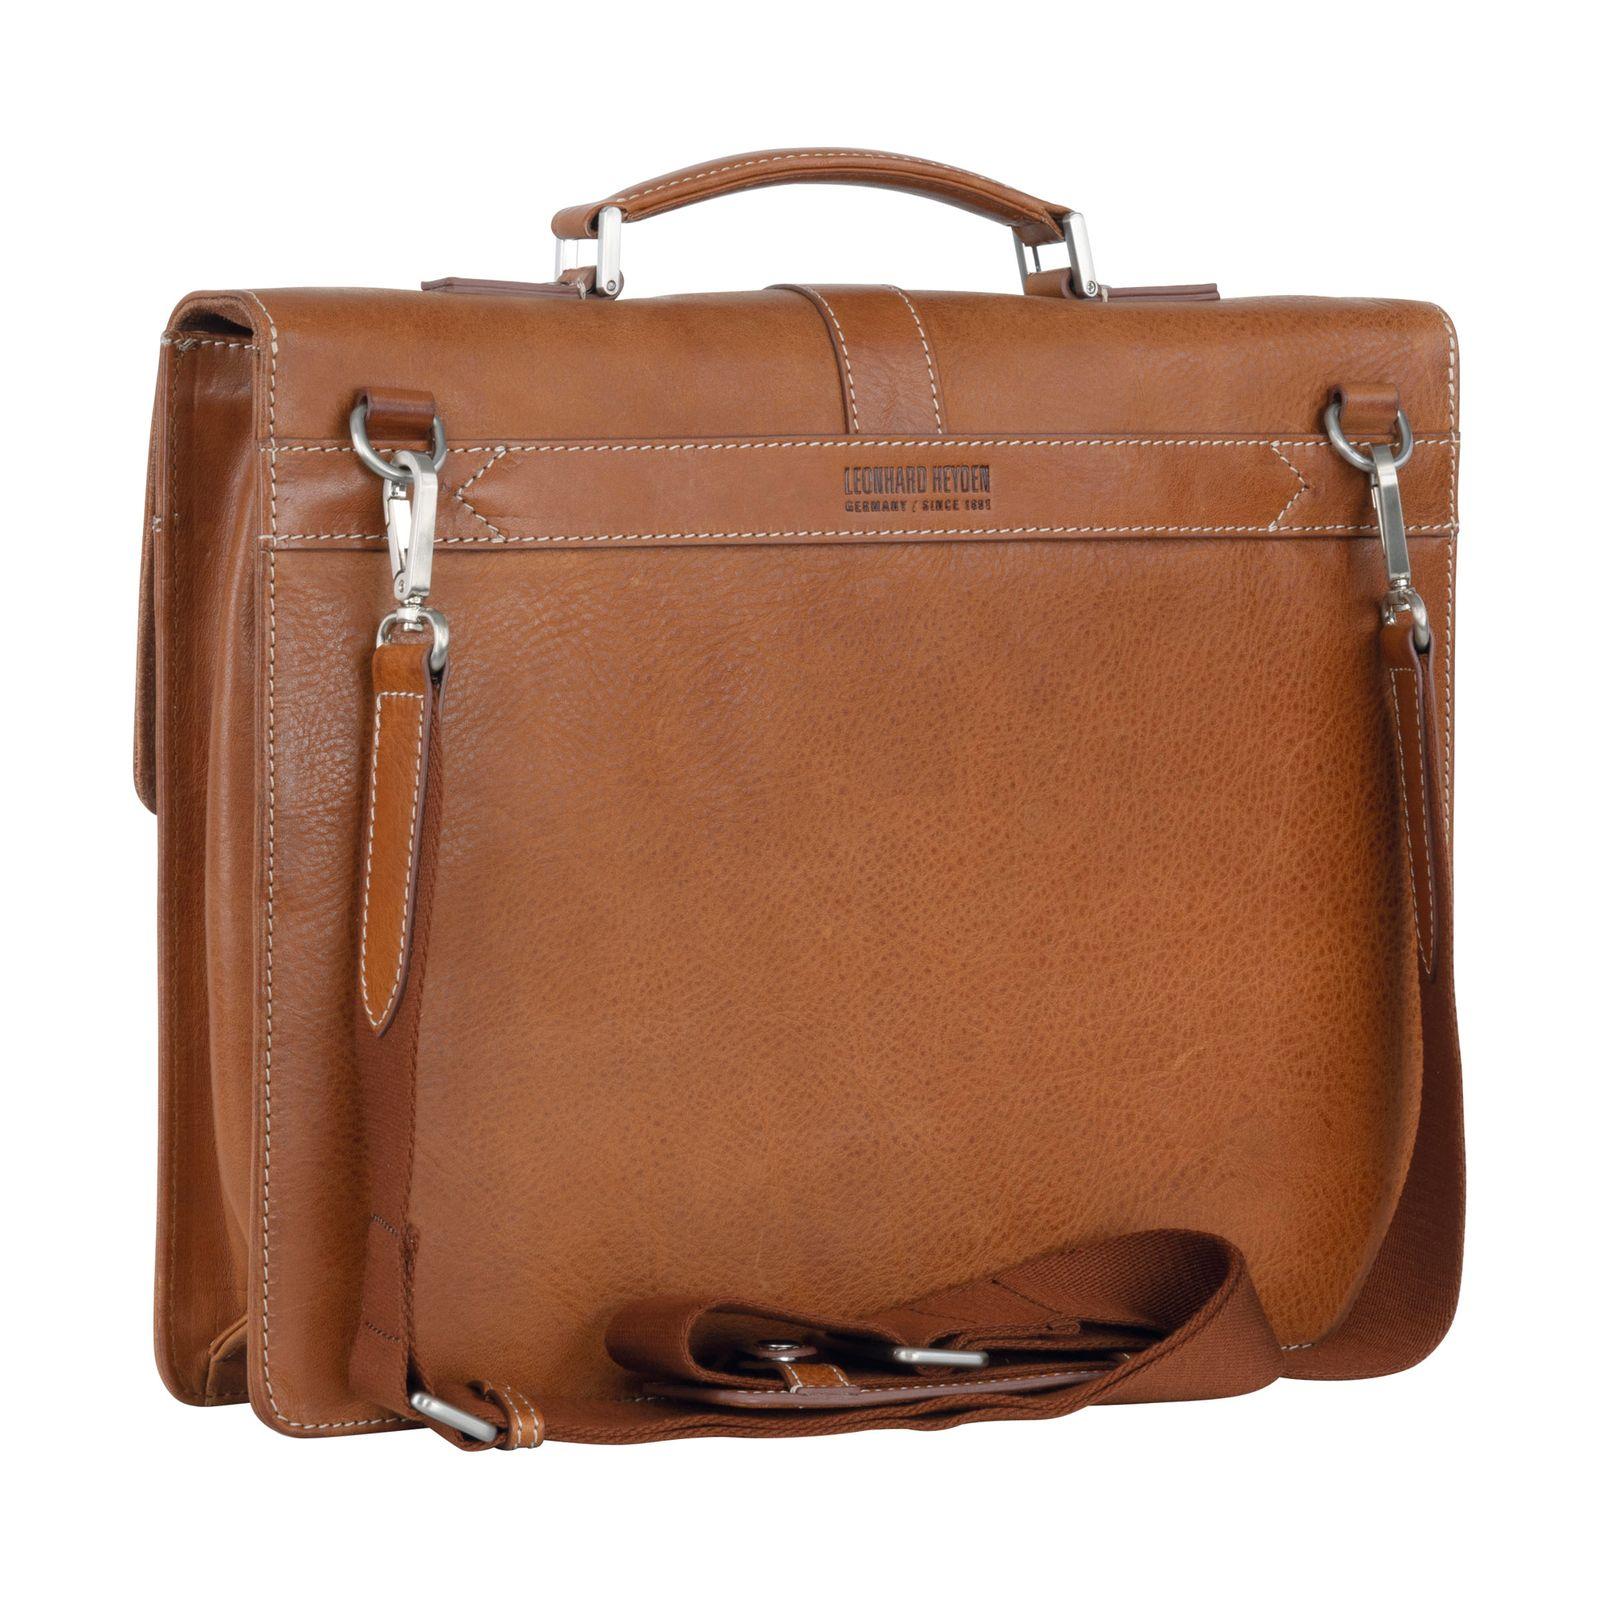 LEONHARD HEYDEN Bergamo Briefcase 1 Light Brown